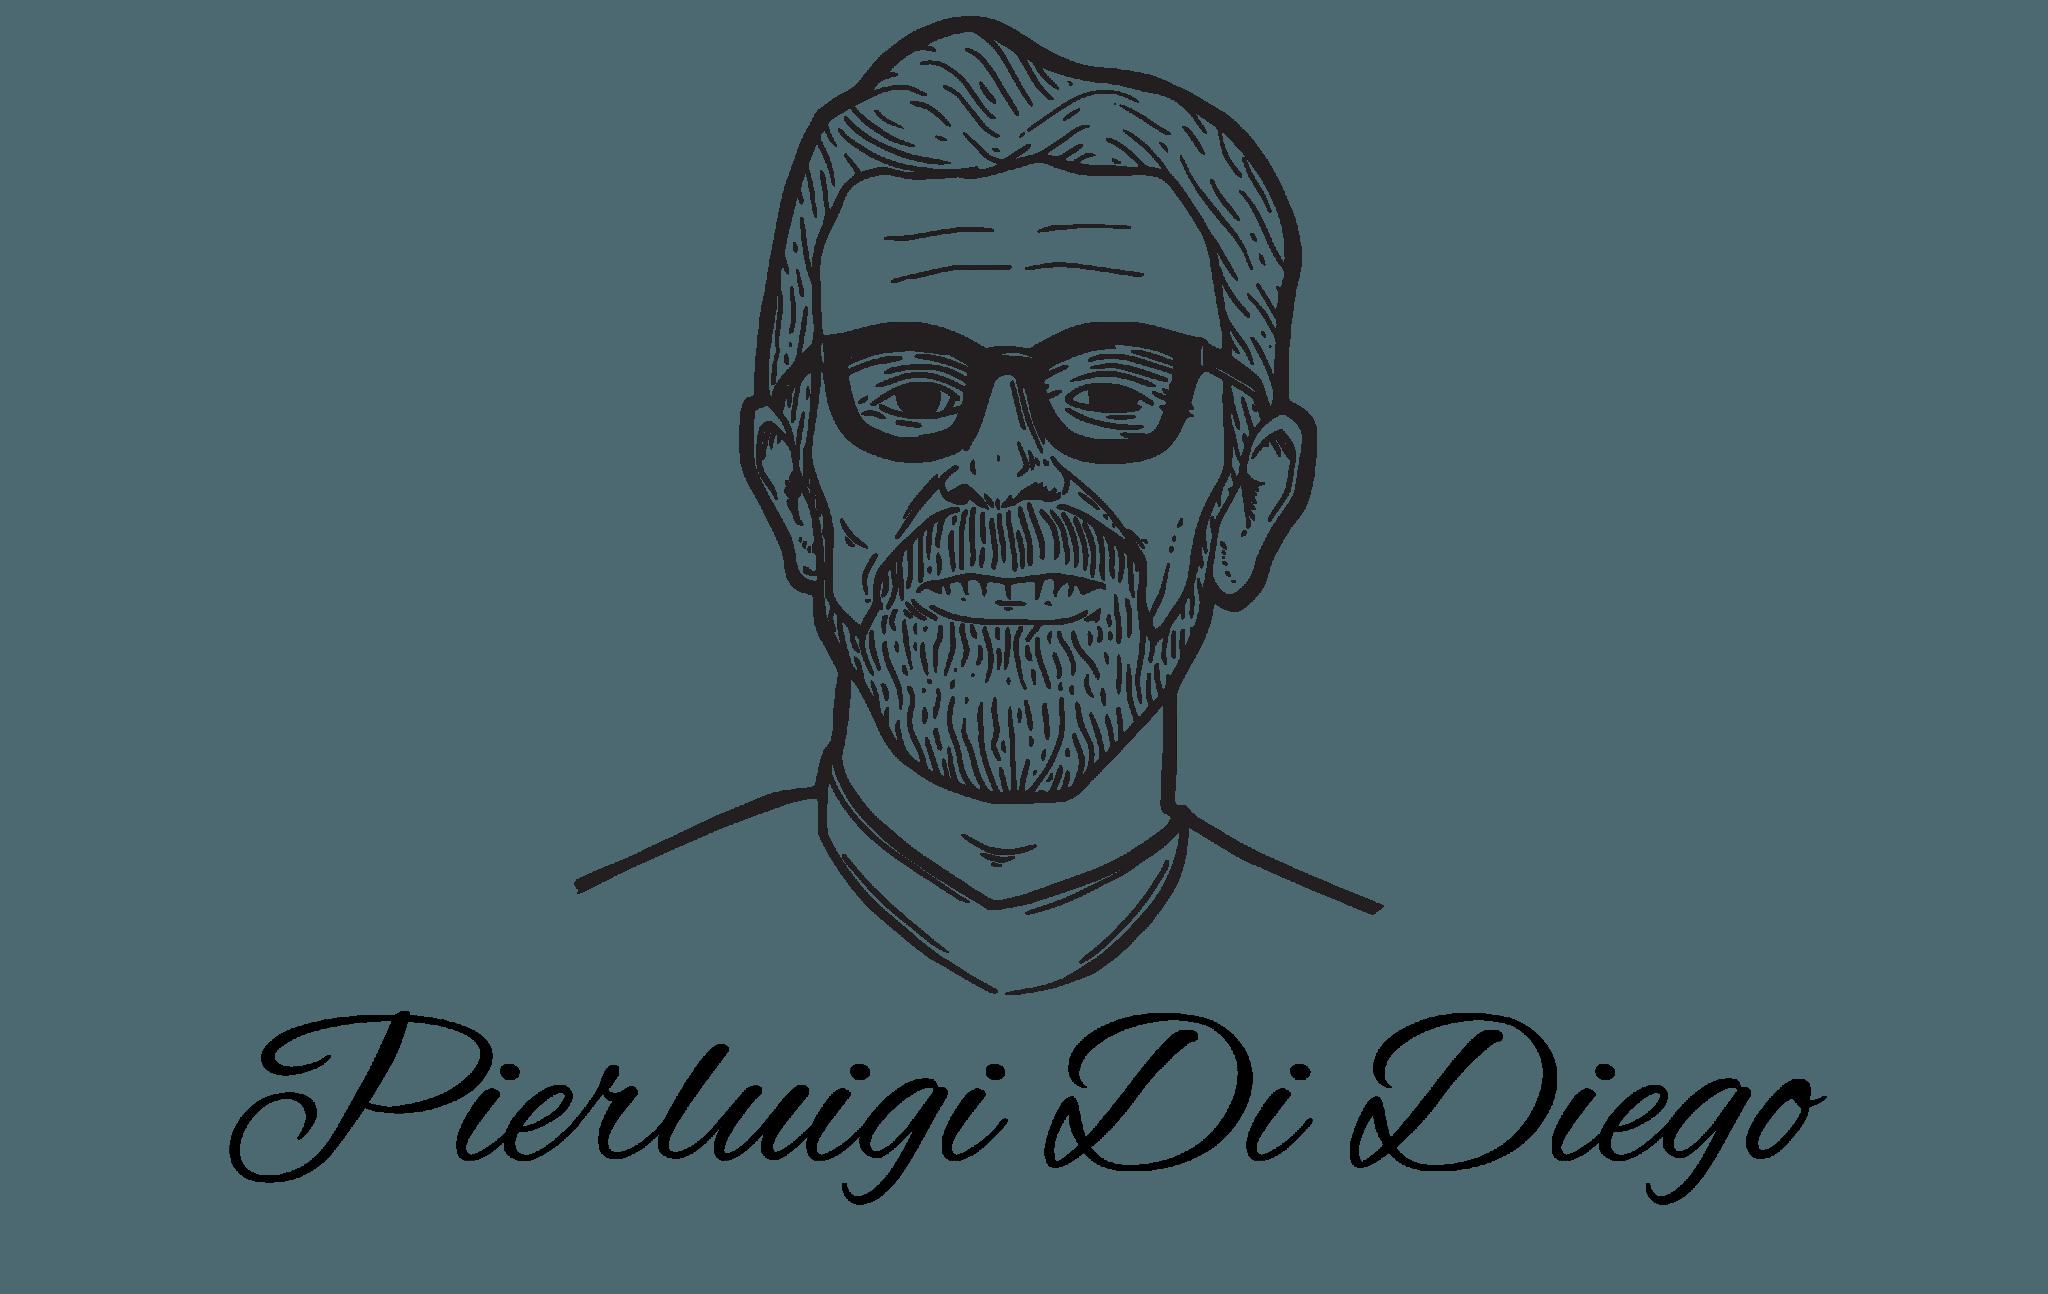 Pierluigi Di Diego